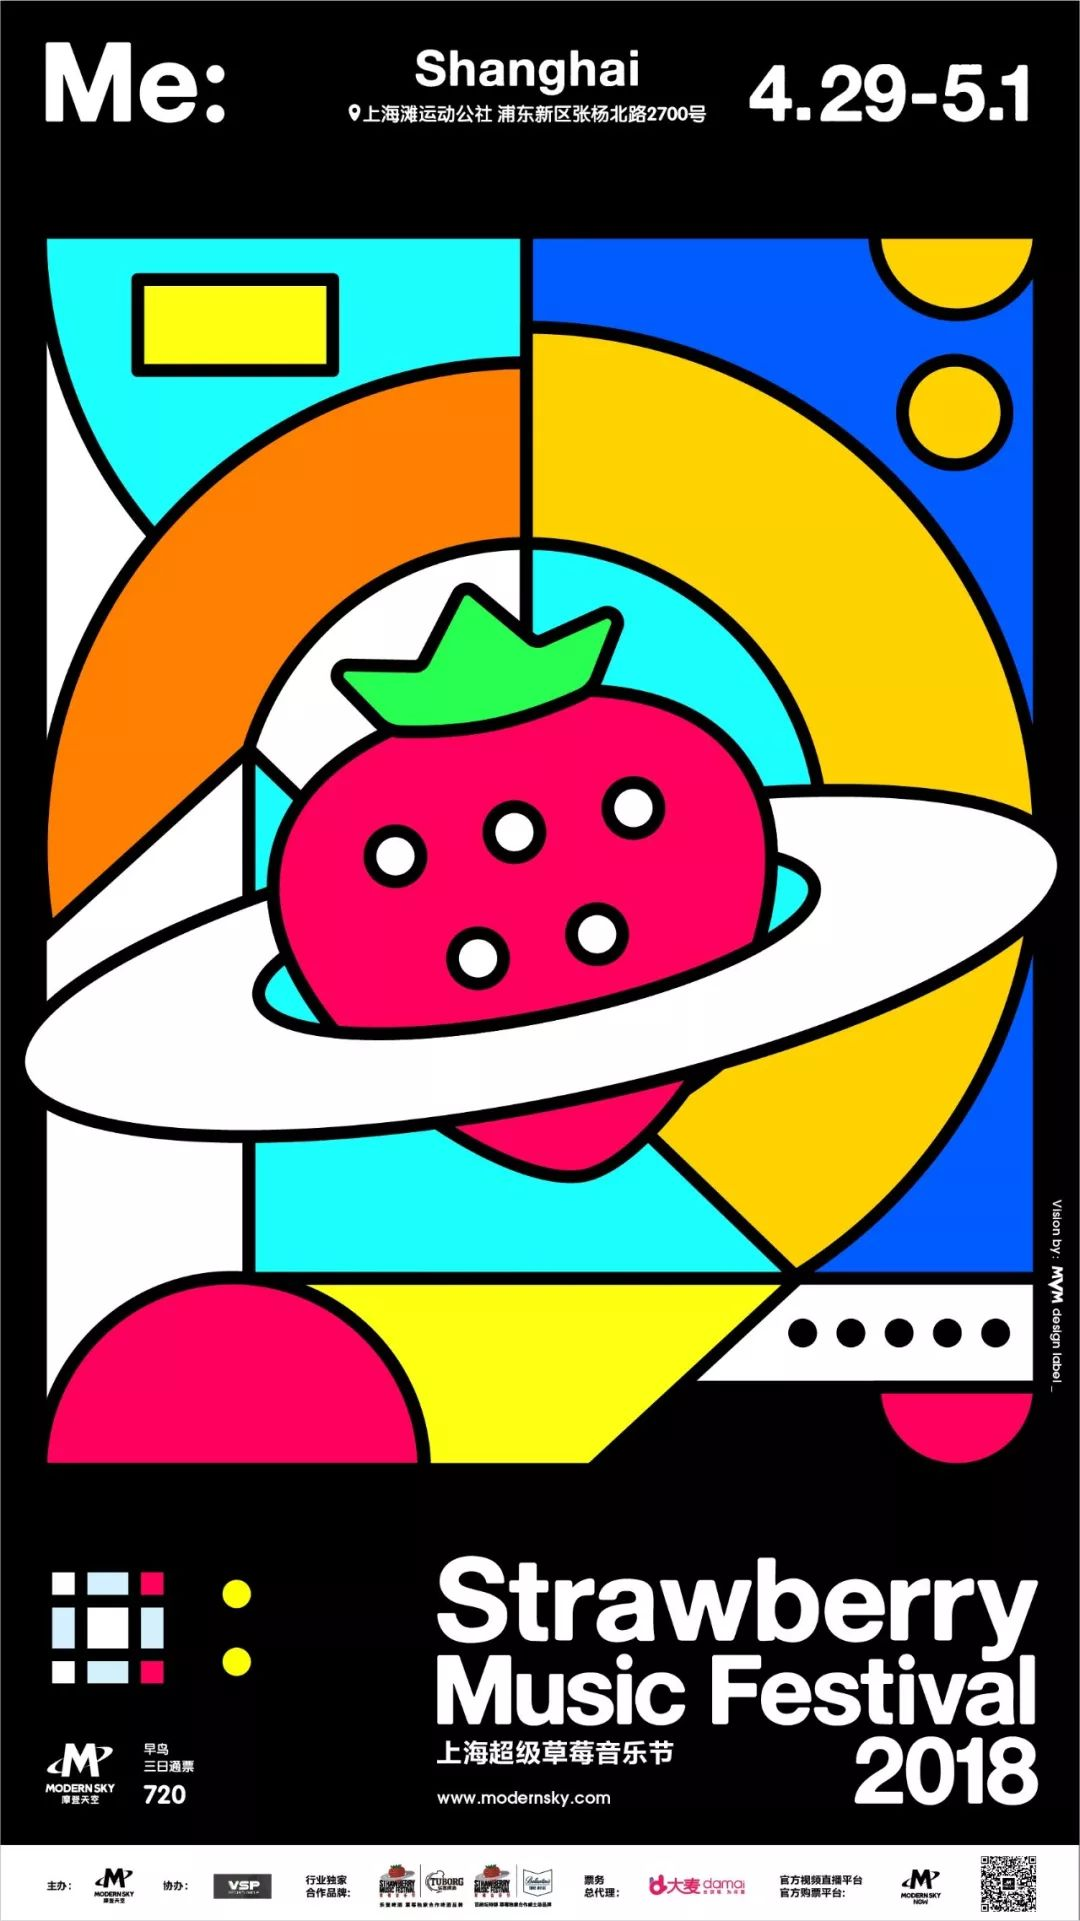 2018上海草莓音乐节定了 早鸟票发售